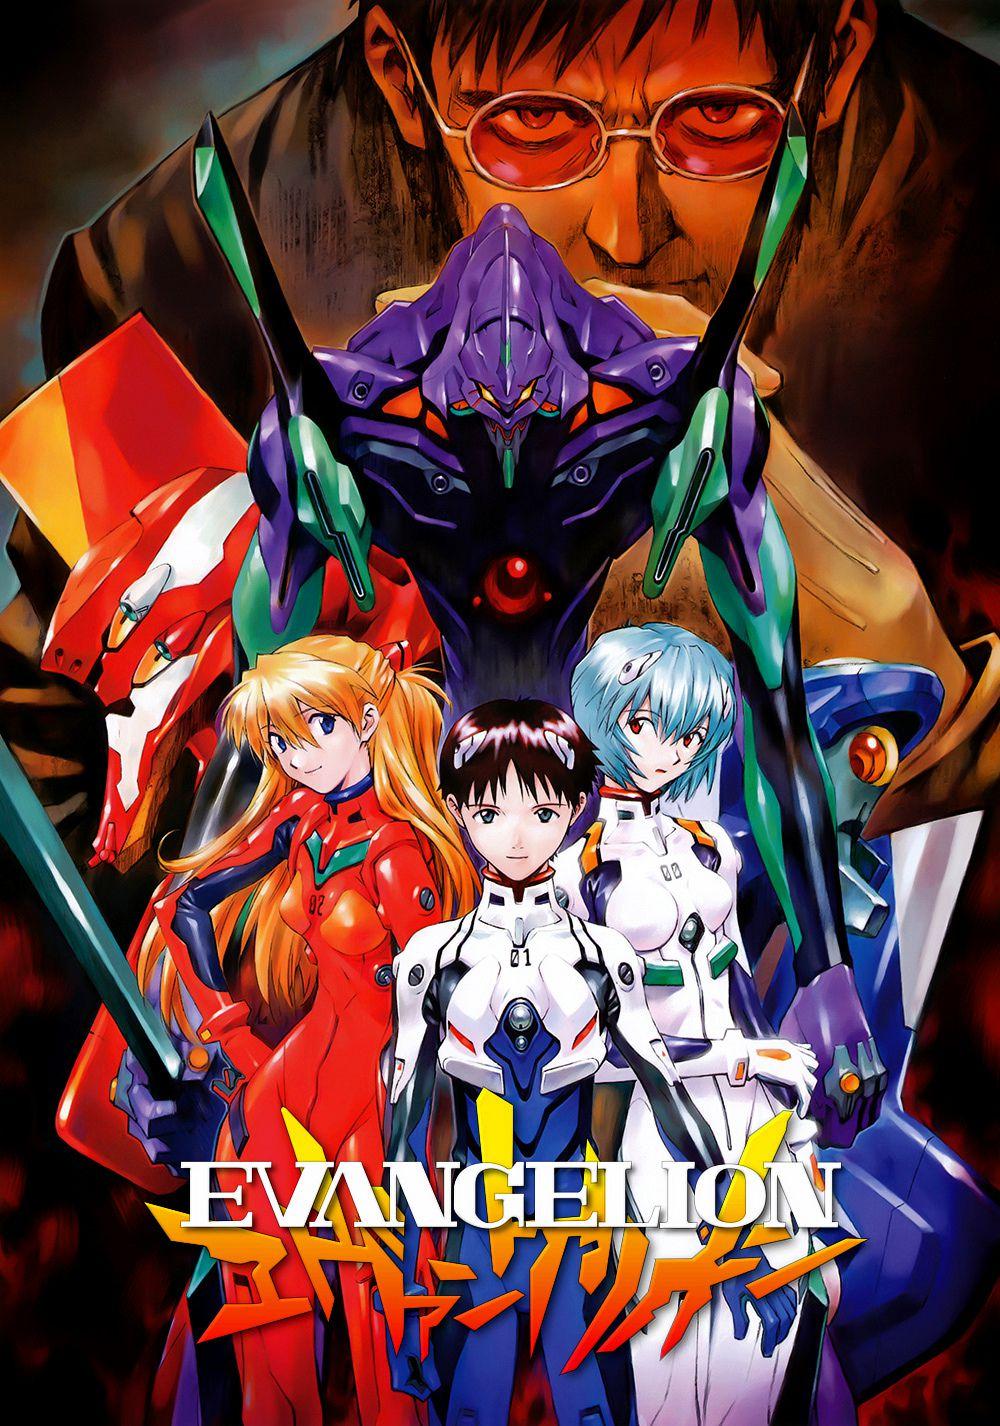 Shin Seiki Evangelion © GAINAX Co., Ltd. 1995 Tous droits réservés.